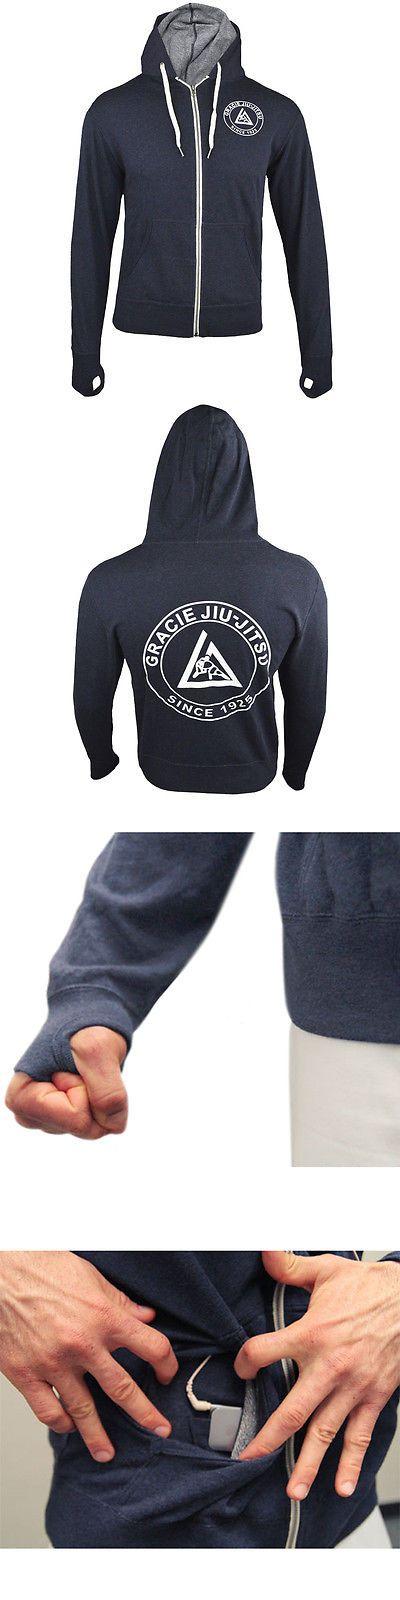 Hoodies and Sweatshirts 179770: Gracie Jiu-Jitsu Academy Summer Zip-Up Hoodie - Terry Blue -> BUY IT NOW ONLY: $49.95 on eBay!